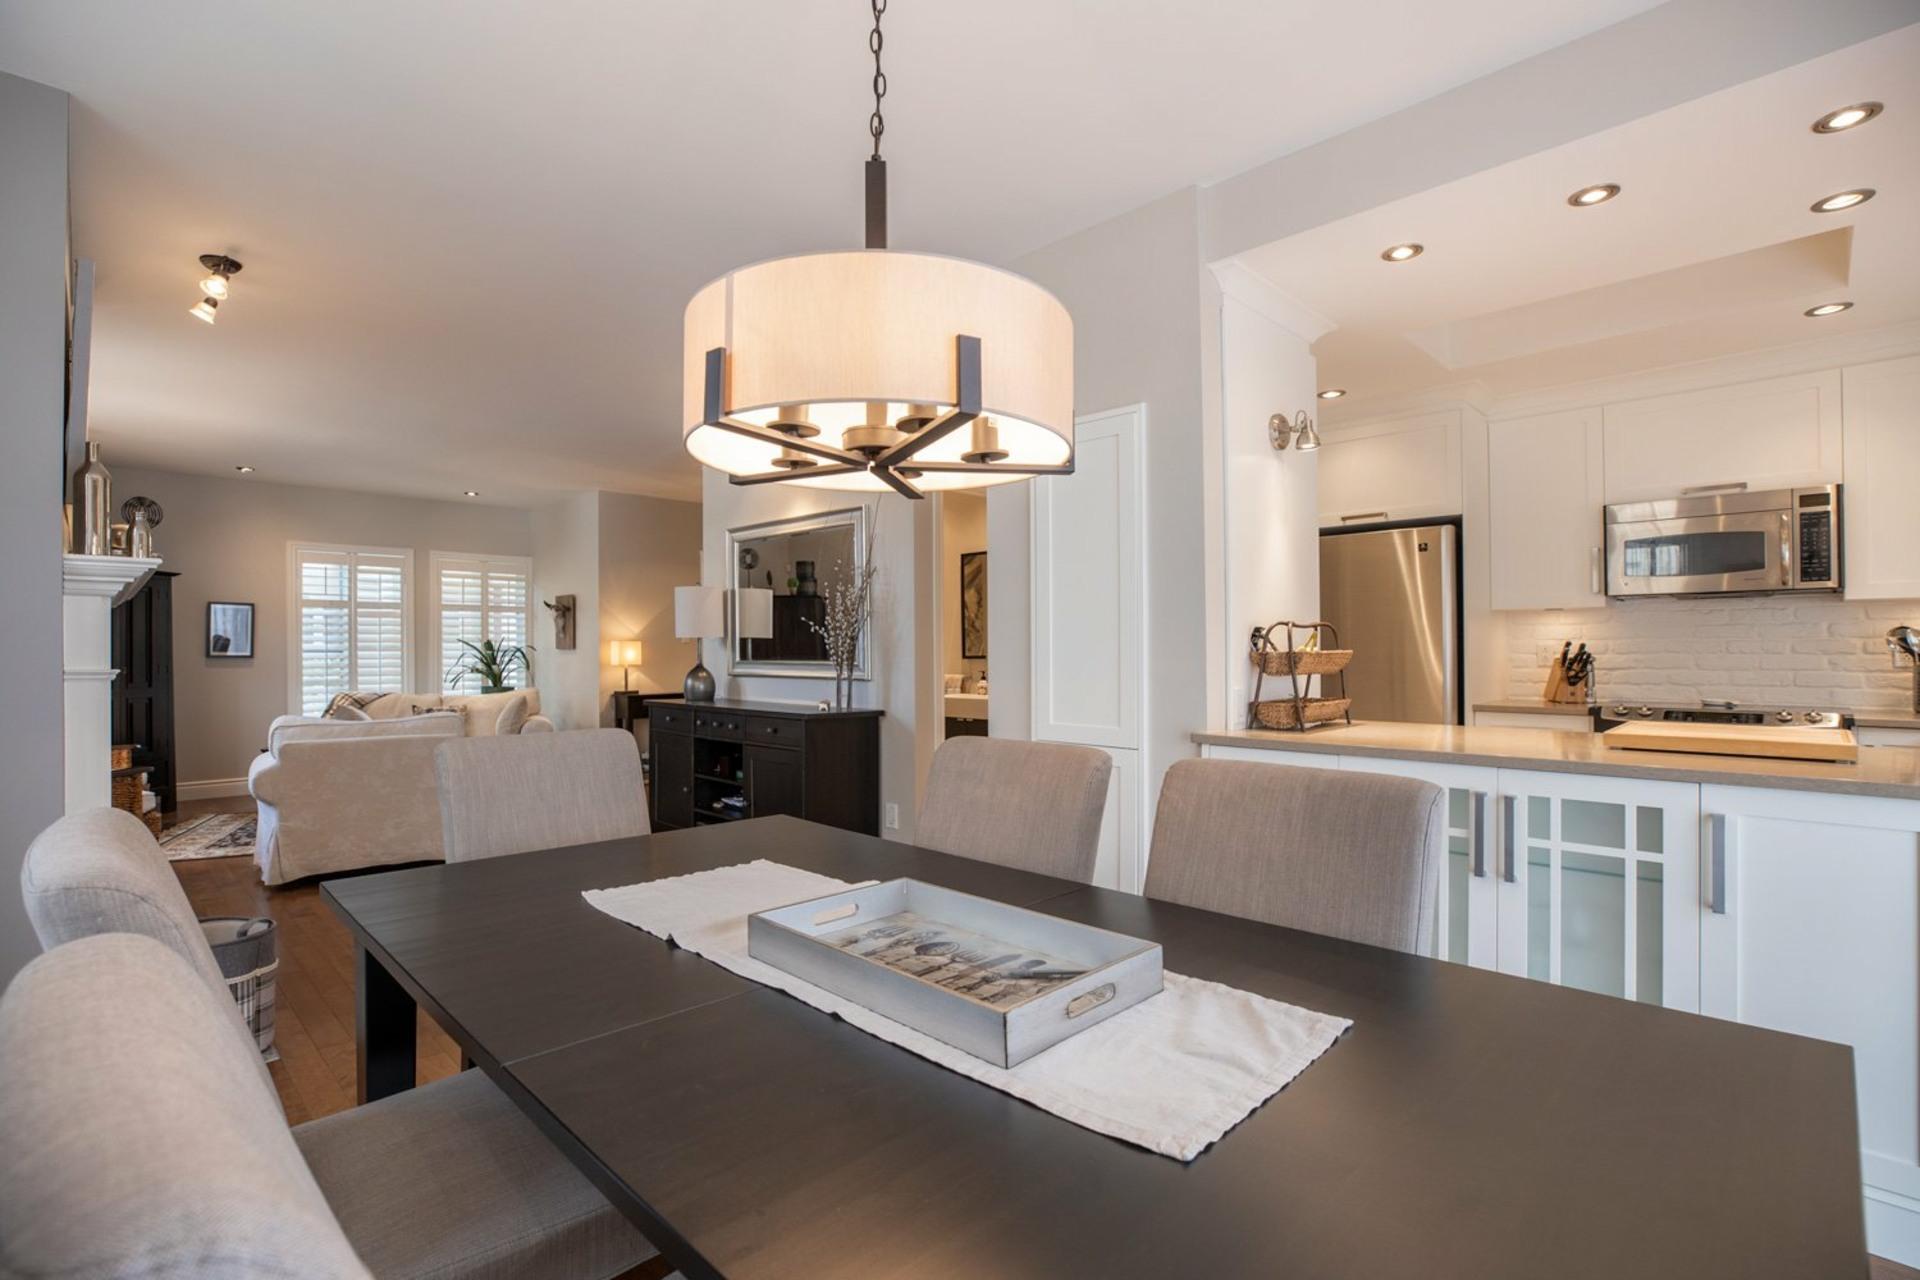 image 5 - House For sale Ahuntsic-Cartierville Montréal  - 8 rooms